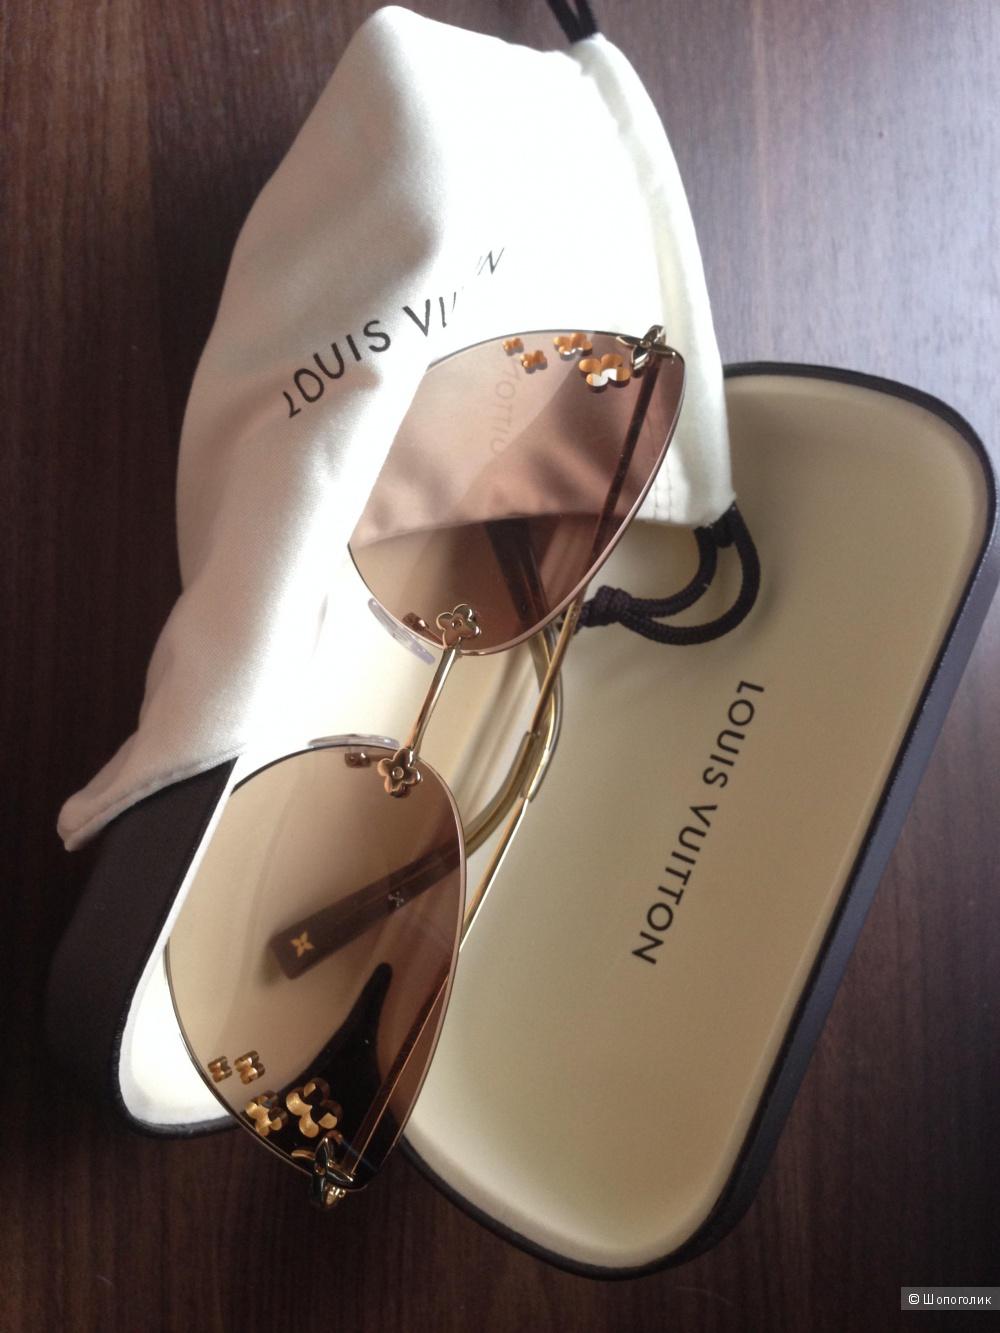 LOUIS VUITTON солнцезащитные очки 2016 год Оригинал Новые